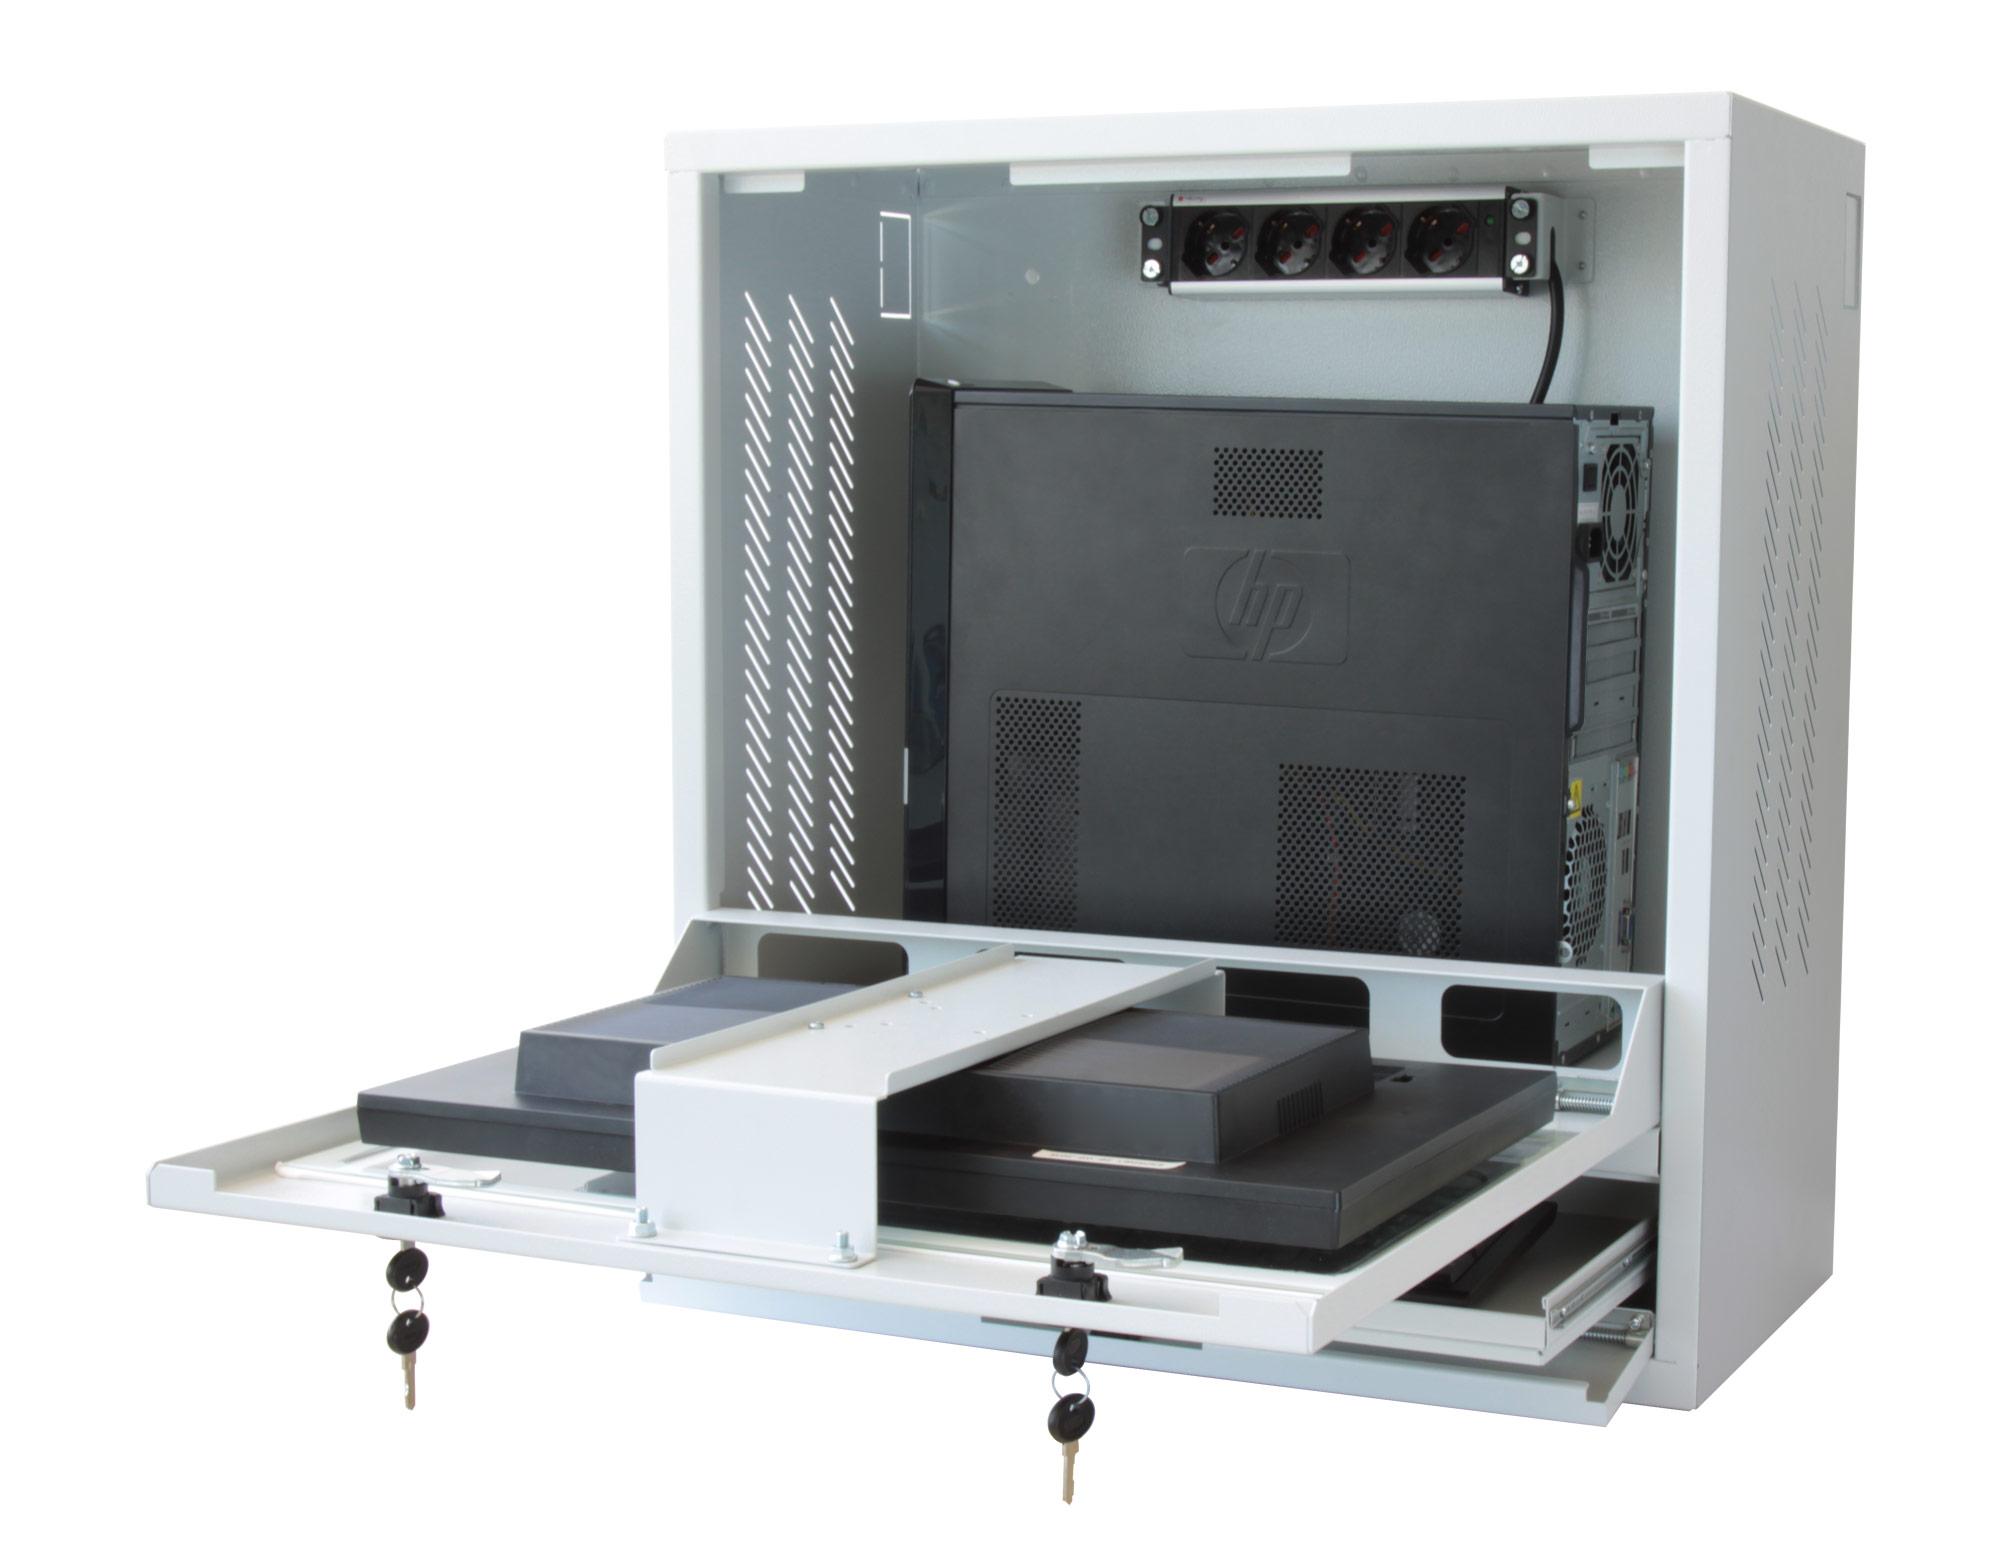 Armadio di sicurezza per pc monitor lcd e tastiera grigio